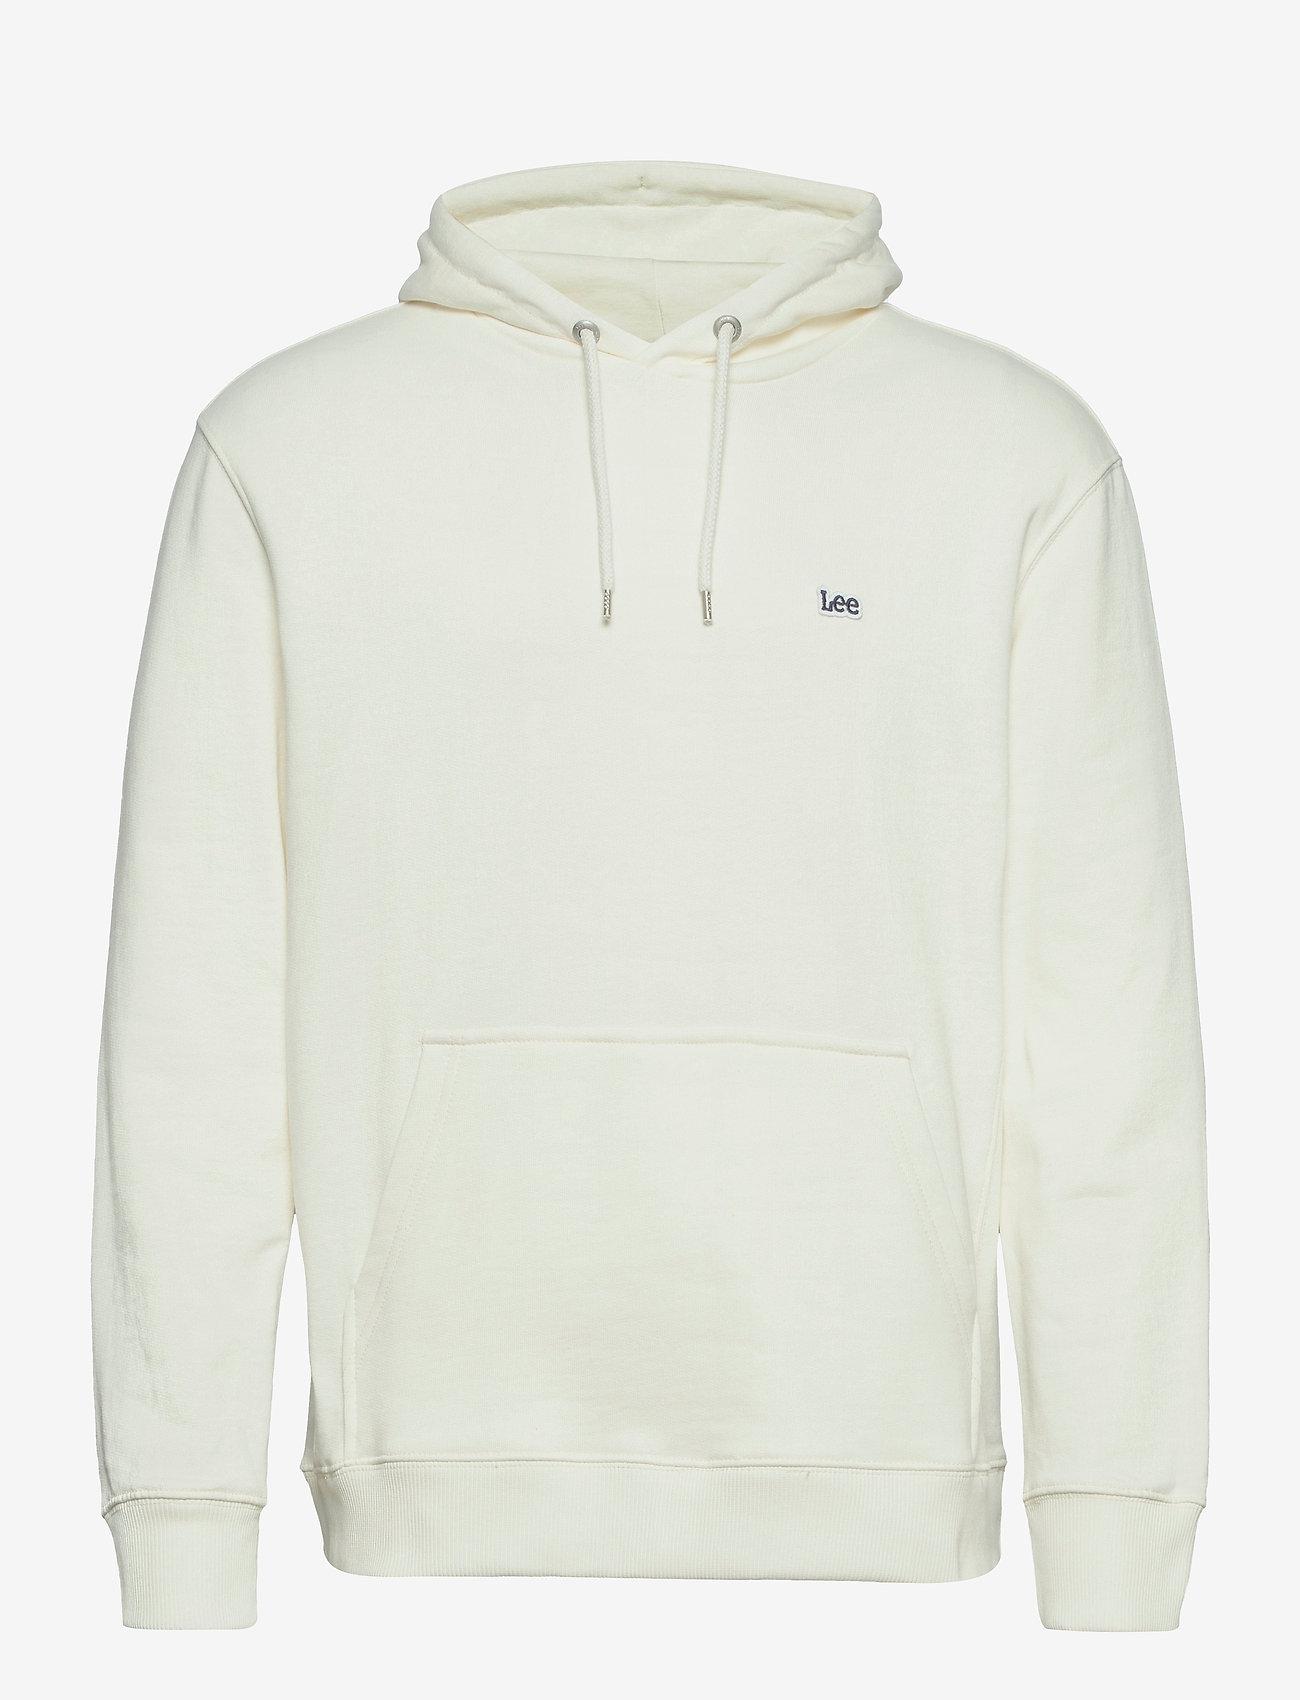 Lee Jeans - PLAIN HOODIE - basic sweatshirts - ecru - 0